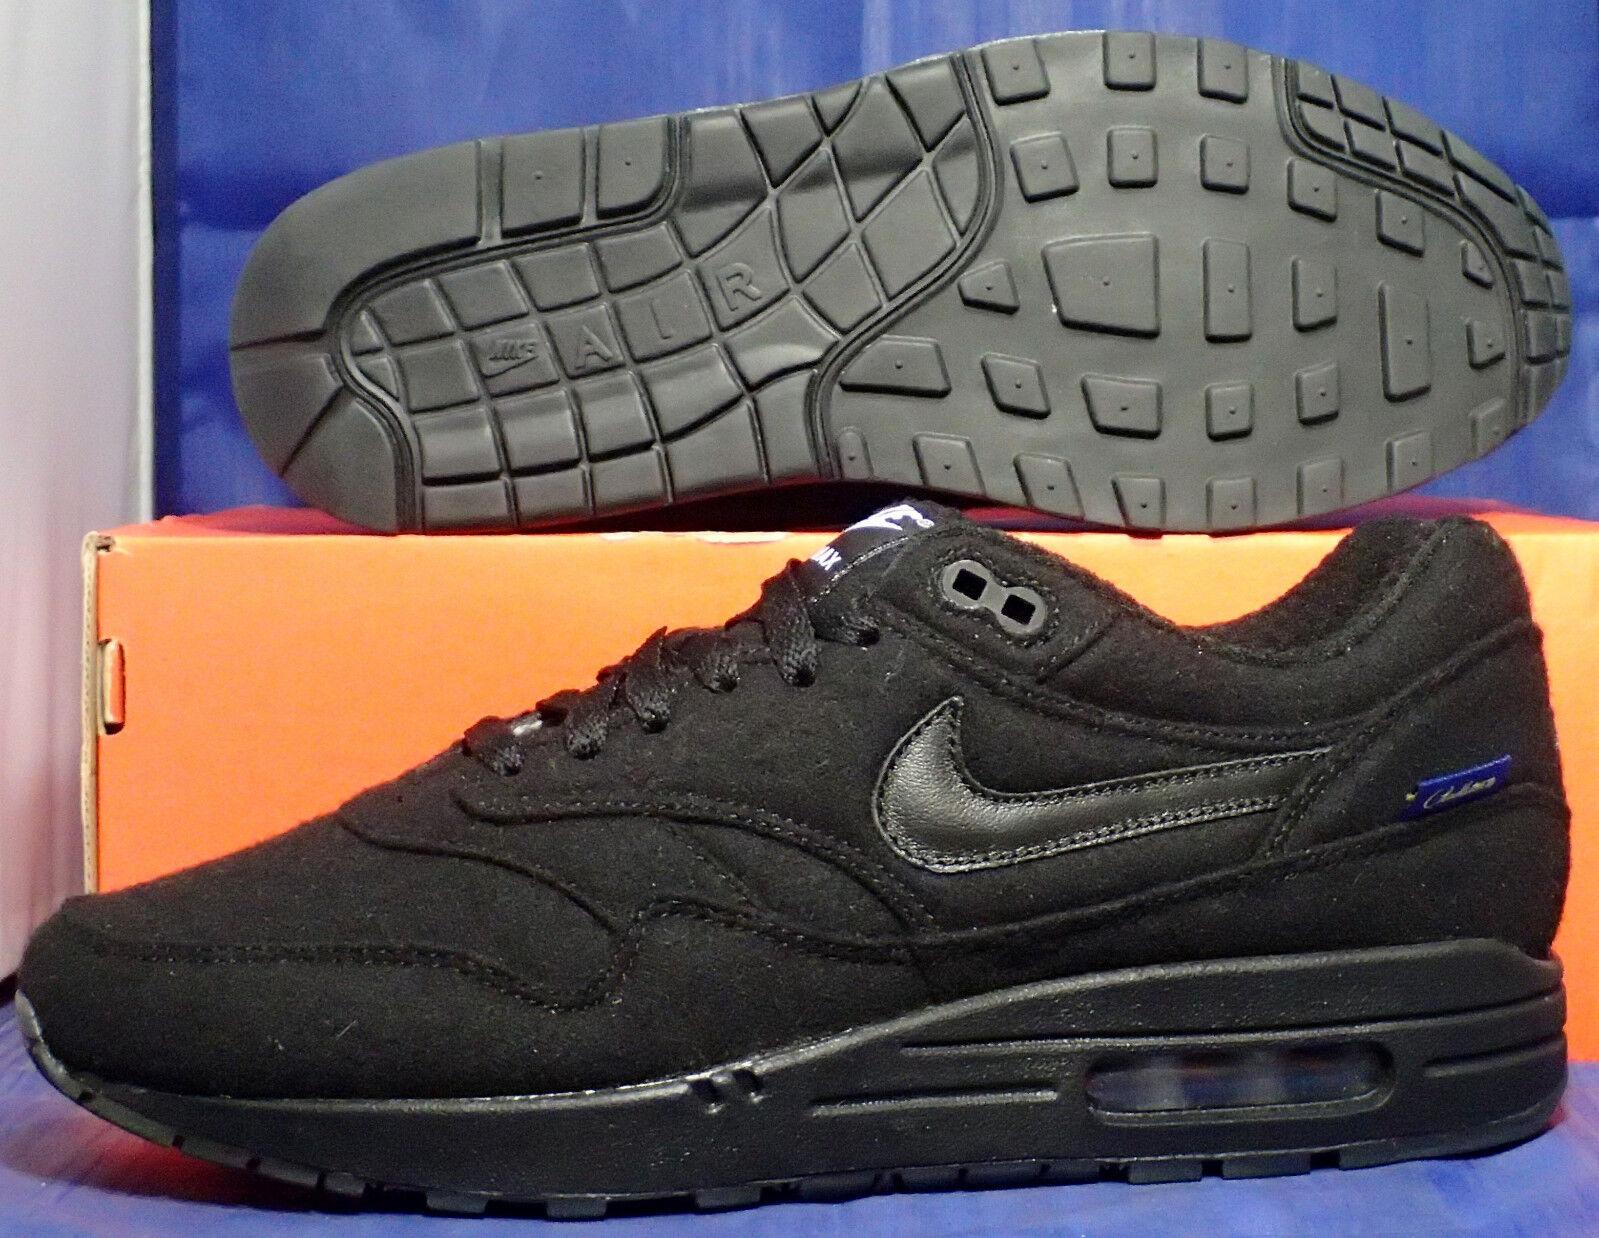 Nike air max 1 premio pendleton id nero sz (744453-991)